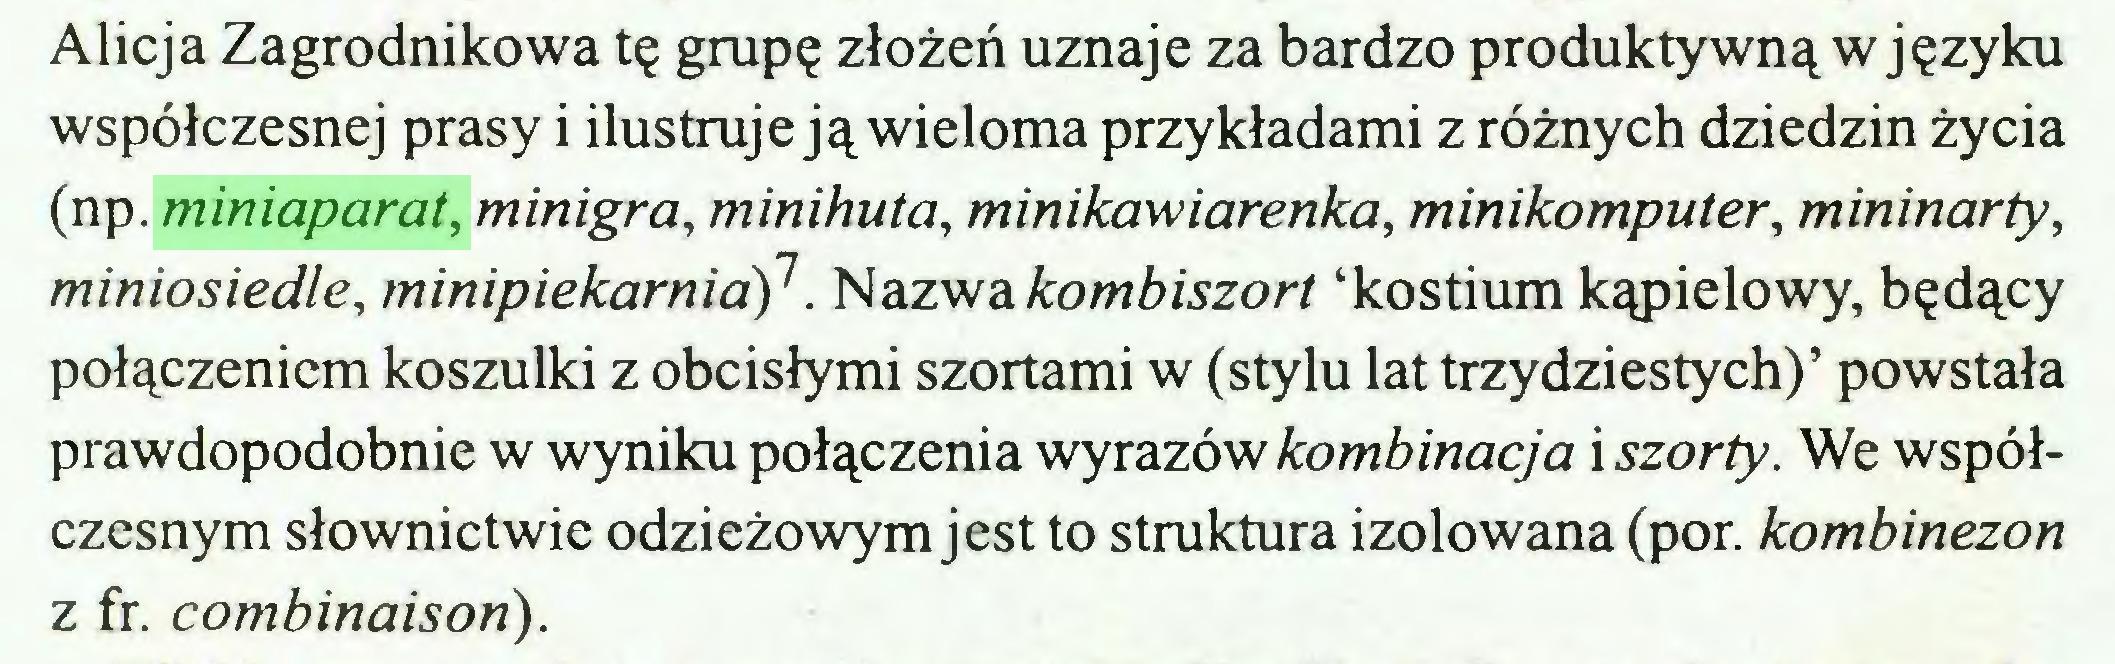 (...) Alicja Zagrodnikowa tę grupę złożeń uznaje za bardzo produktywną w języku współczesnej prasy i ilustruje ją wieloma przykładami z różnych dziedzin życia (np. miniaparat, minigra, minihuta, minikawiarenka, minikomputer, mininarty, miniosiedle, minipiekarnia)1. Nazwa kombiszort 'kostium kąpielowy, będący połączeniem koszulki z obcisłymi szortami w (stylu lat trzydziestych)' powstała prawdopodobnie w wyniku połączenia wyrazów kombinacja i szorty. We współczesnym słownictwie odzieżowym jest to struktura izolowana (por. kombinezon z fr. combinaison)...